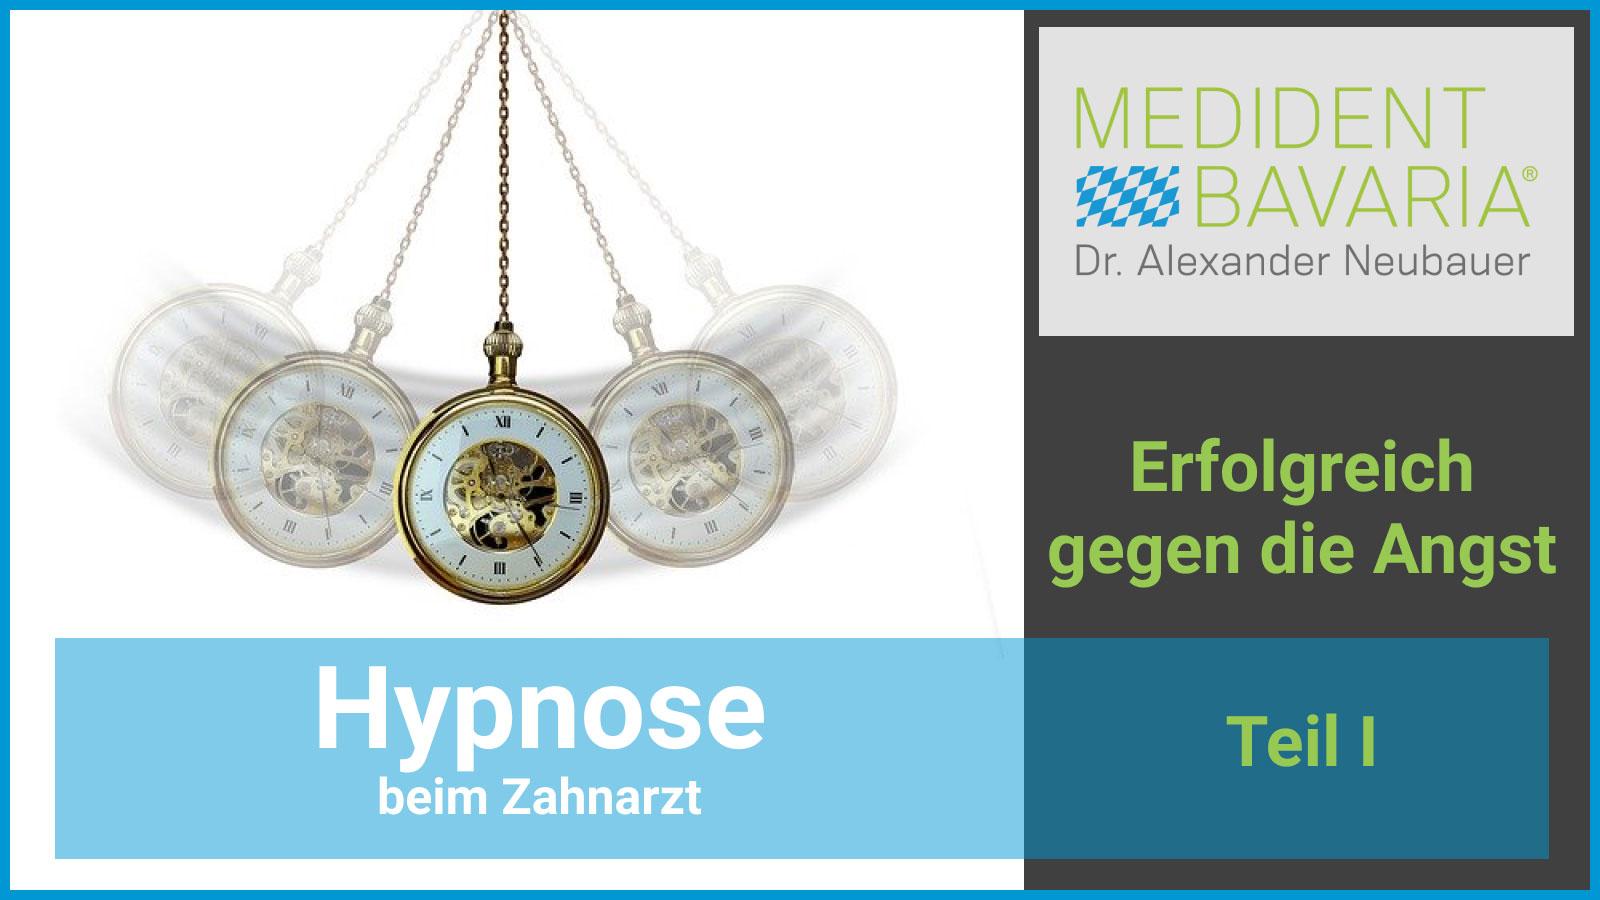 Hypnose beim Zahnarzt – erfolgreich gegen die Angst! Teil 1